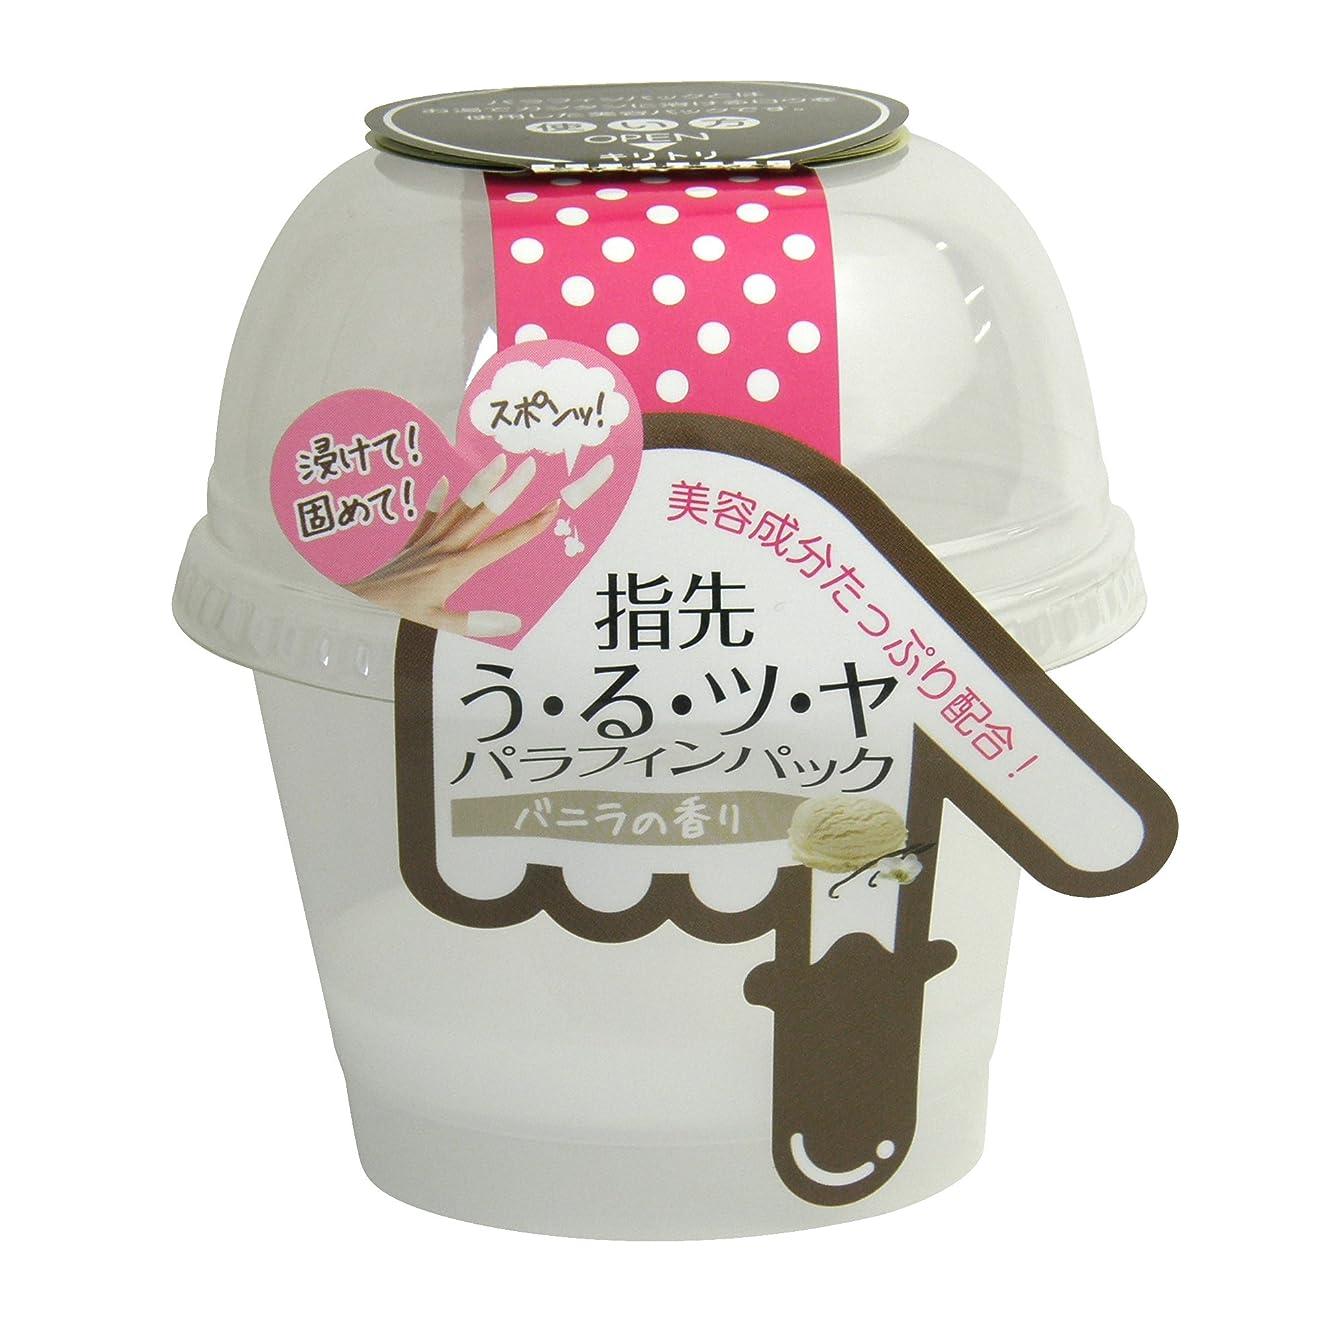 ヒロイックロボットエンターテインメントパラフィンガーモイストパック バニラ 10g